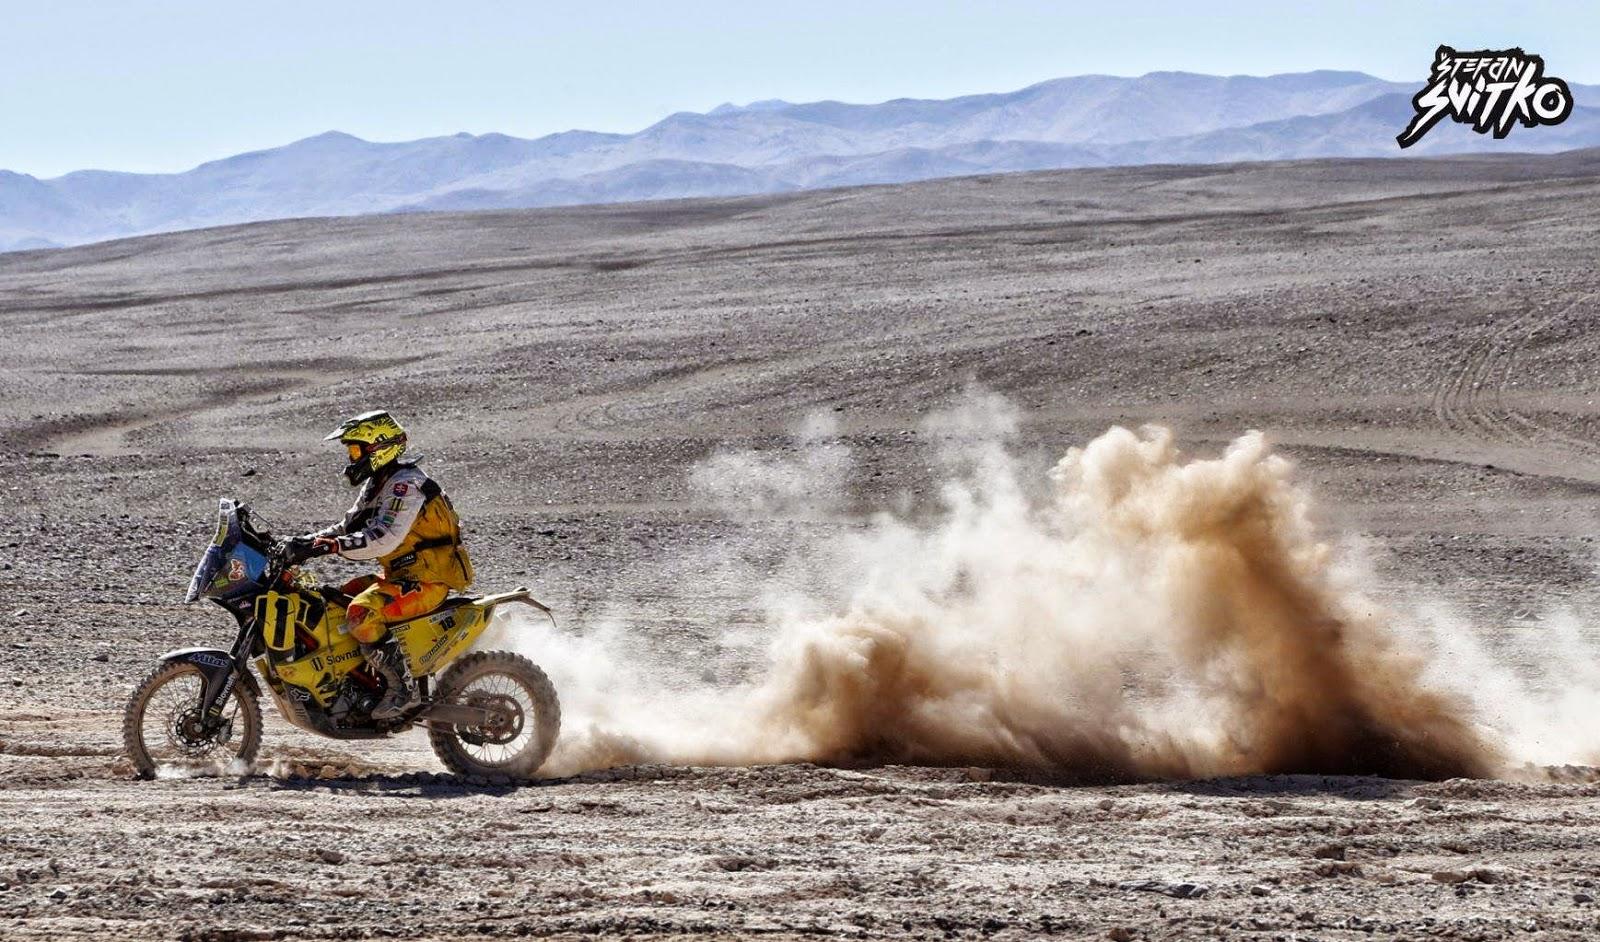 Rallye Dakar 2015 – 6. etapa